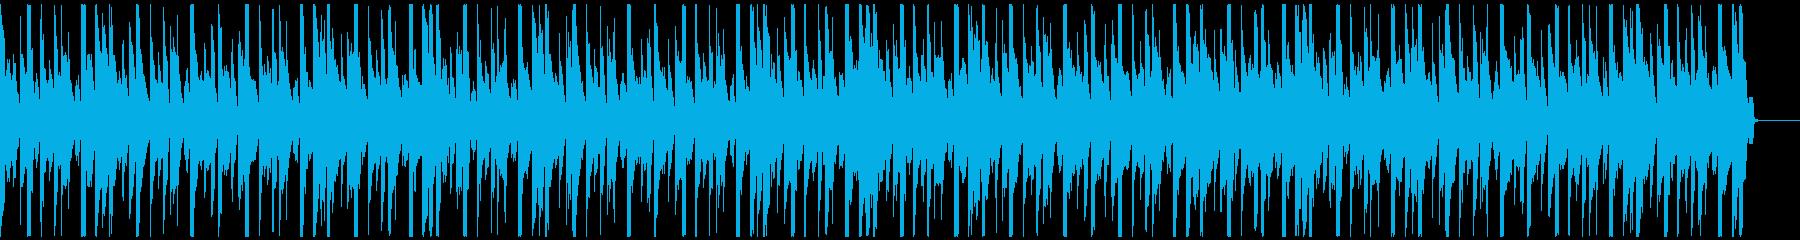 軽快/おしゃれなクラブ系ハウス30秒の再生済みの波形